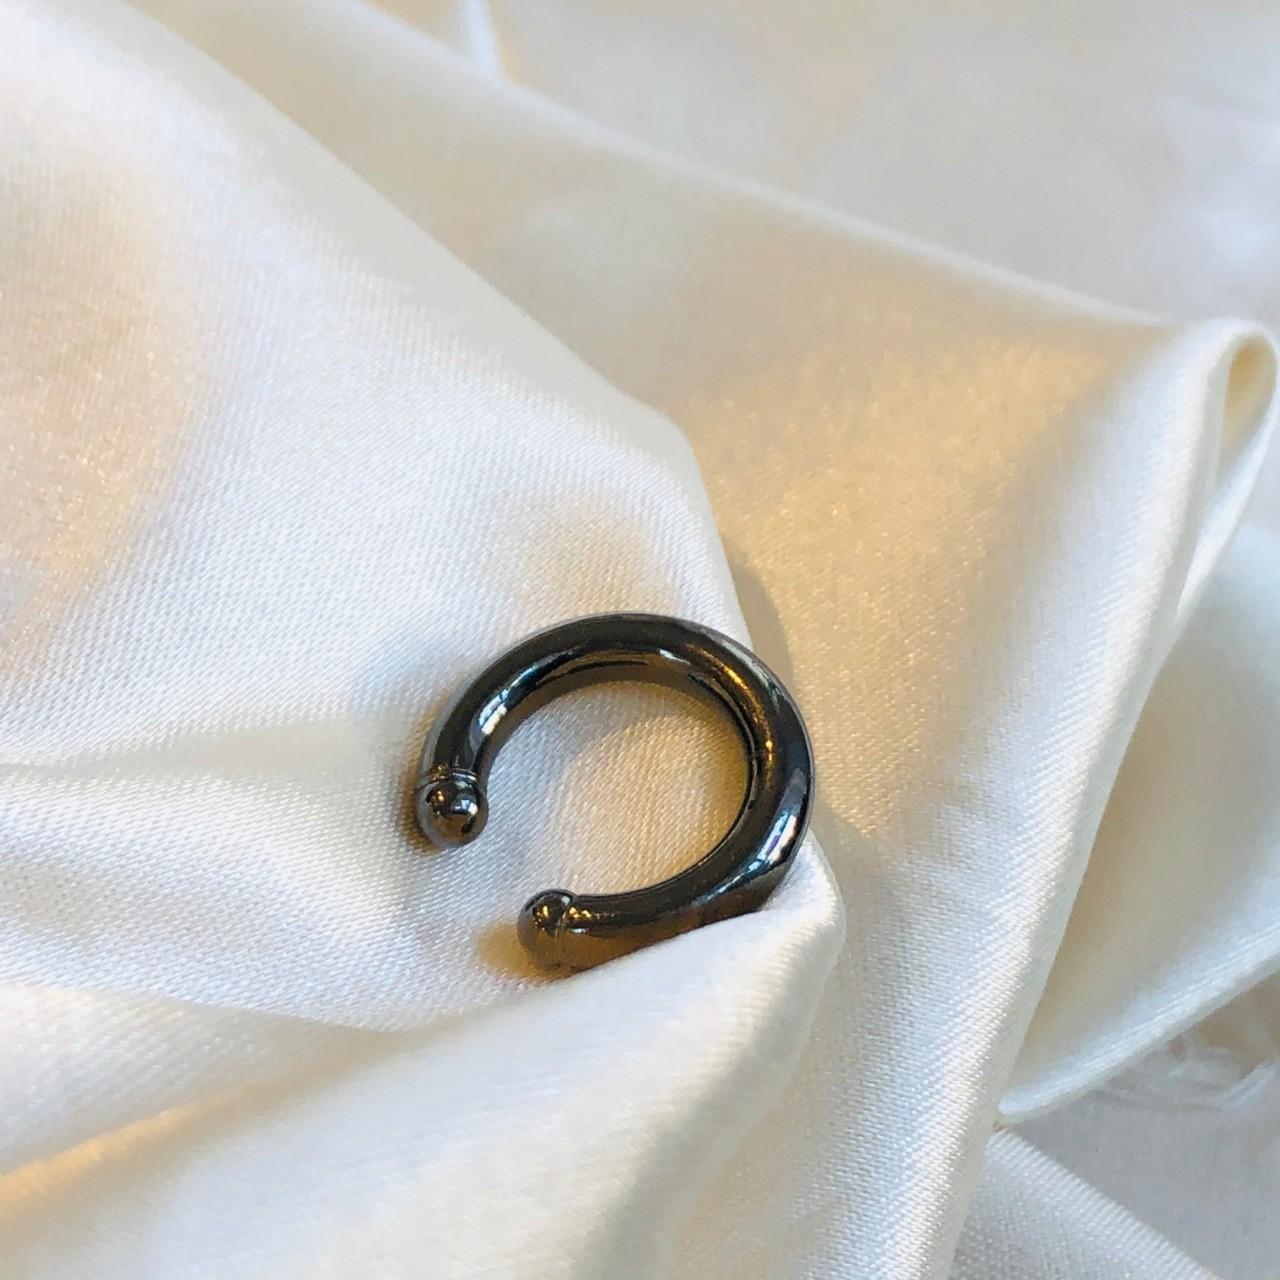 Piercing de Pressão Tubo Liso Banhado em Ródio Negro